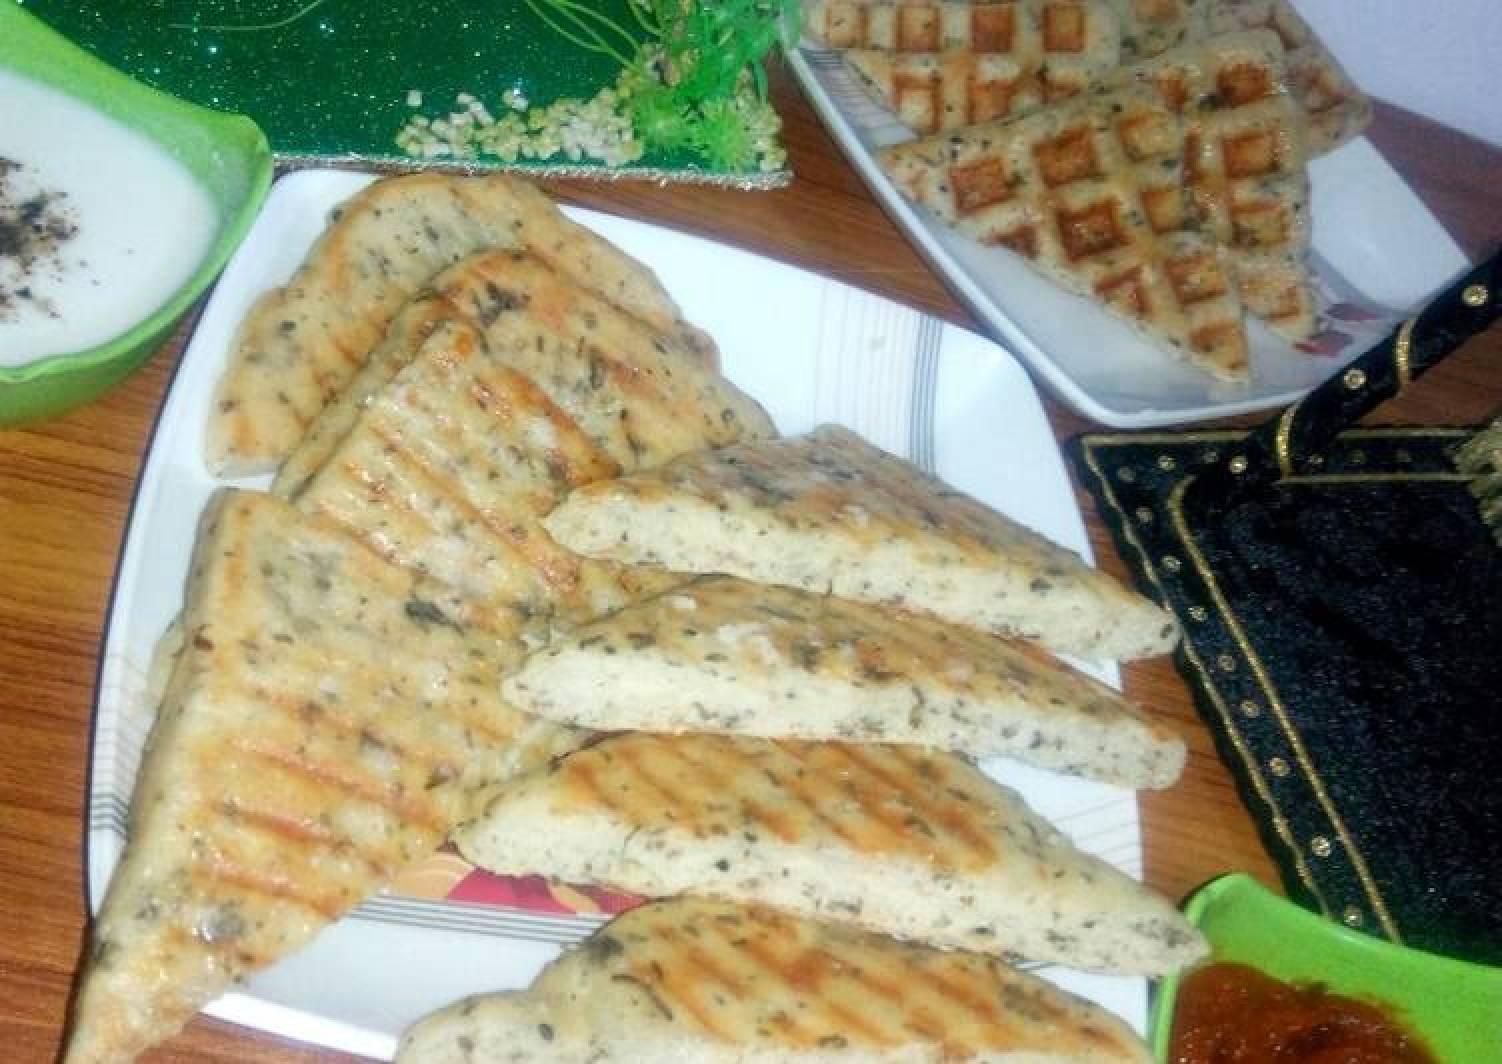 Mint & garlic butter bread